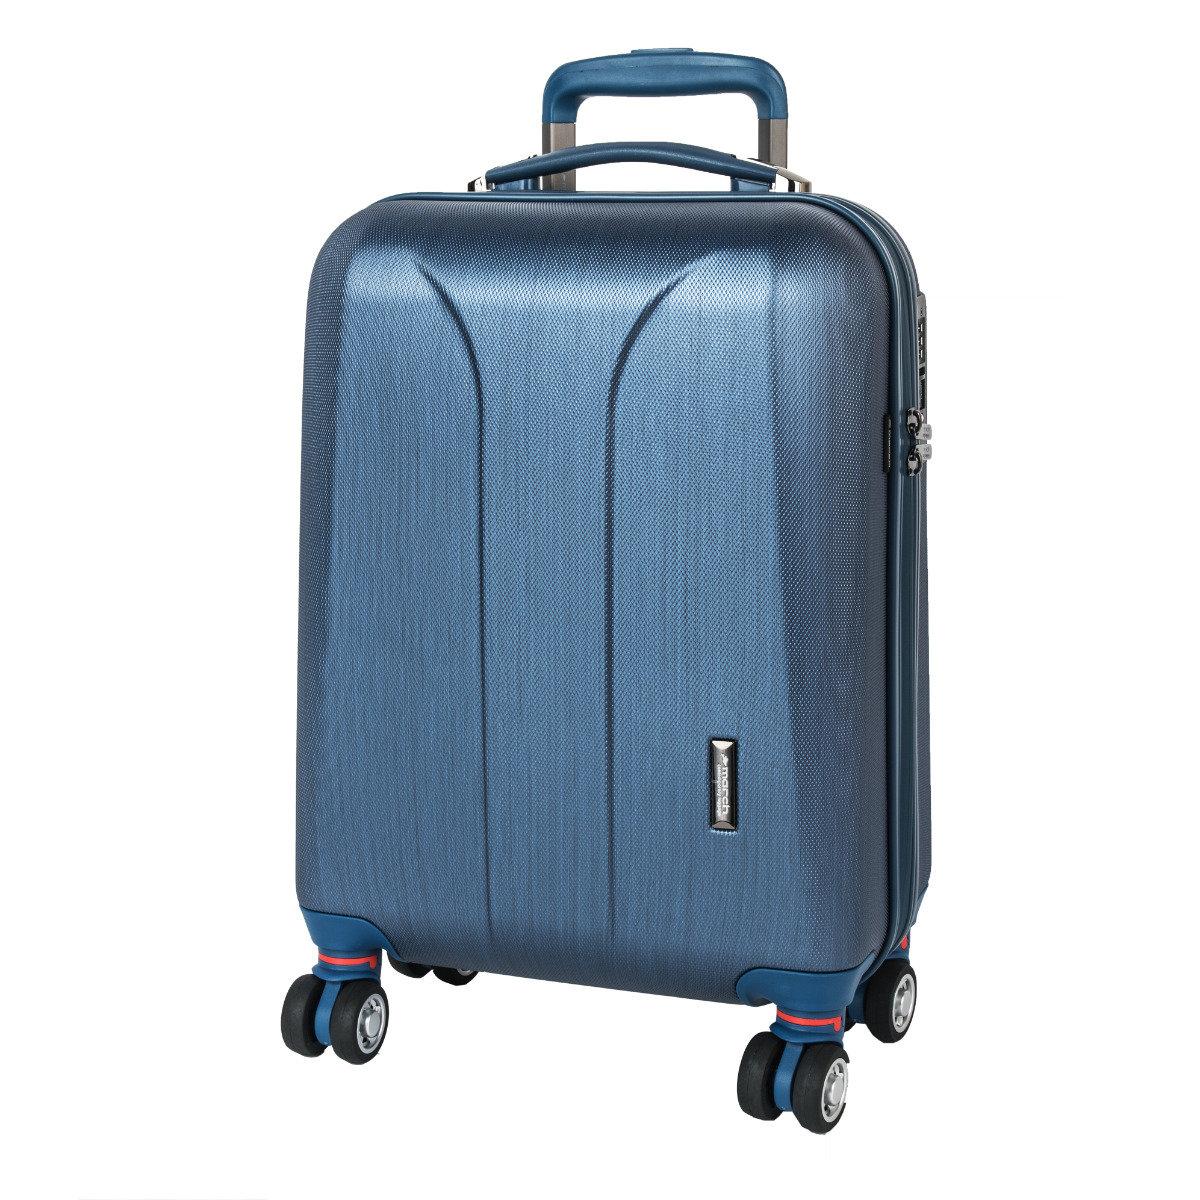 Cestovní kufr March New Carat SE S Navy brushed